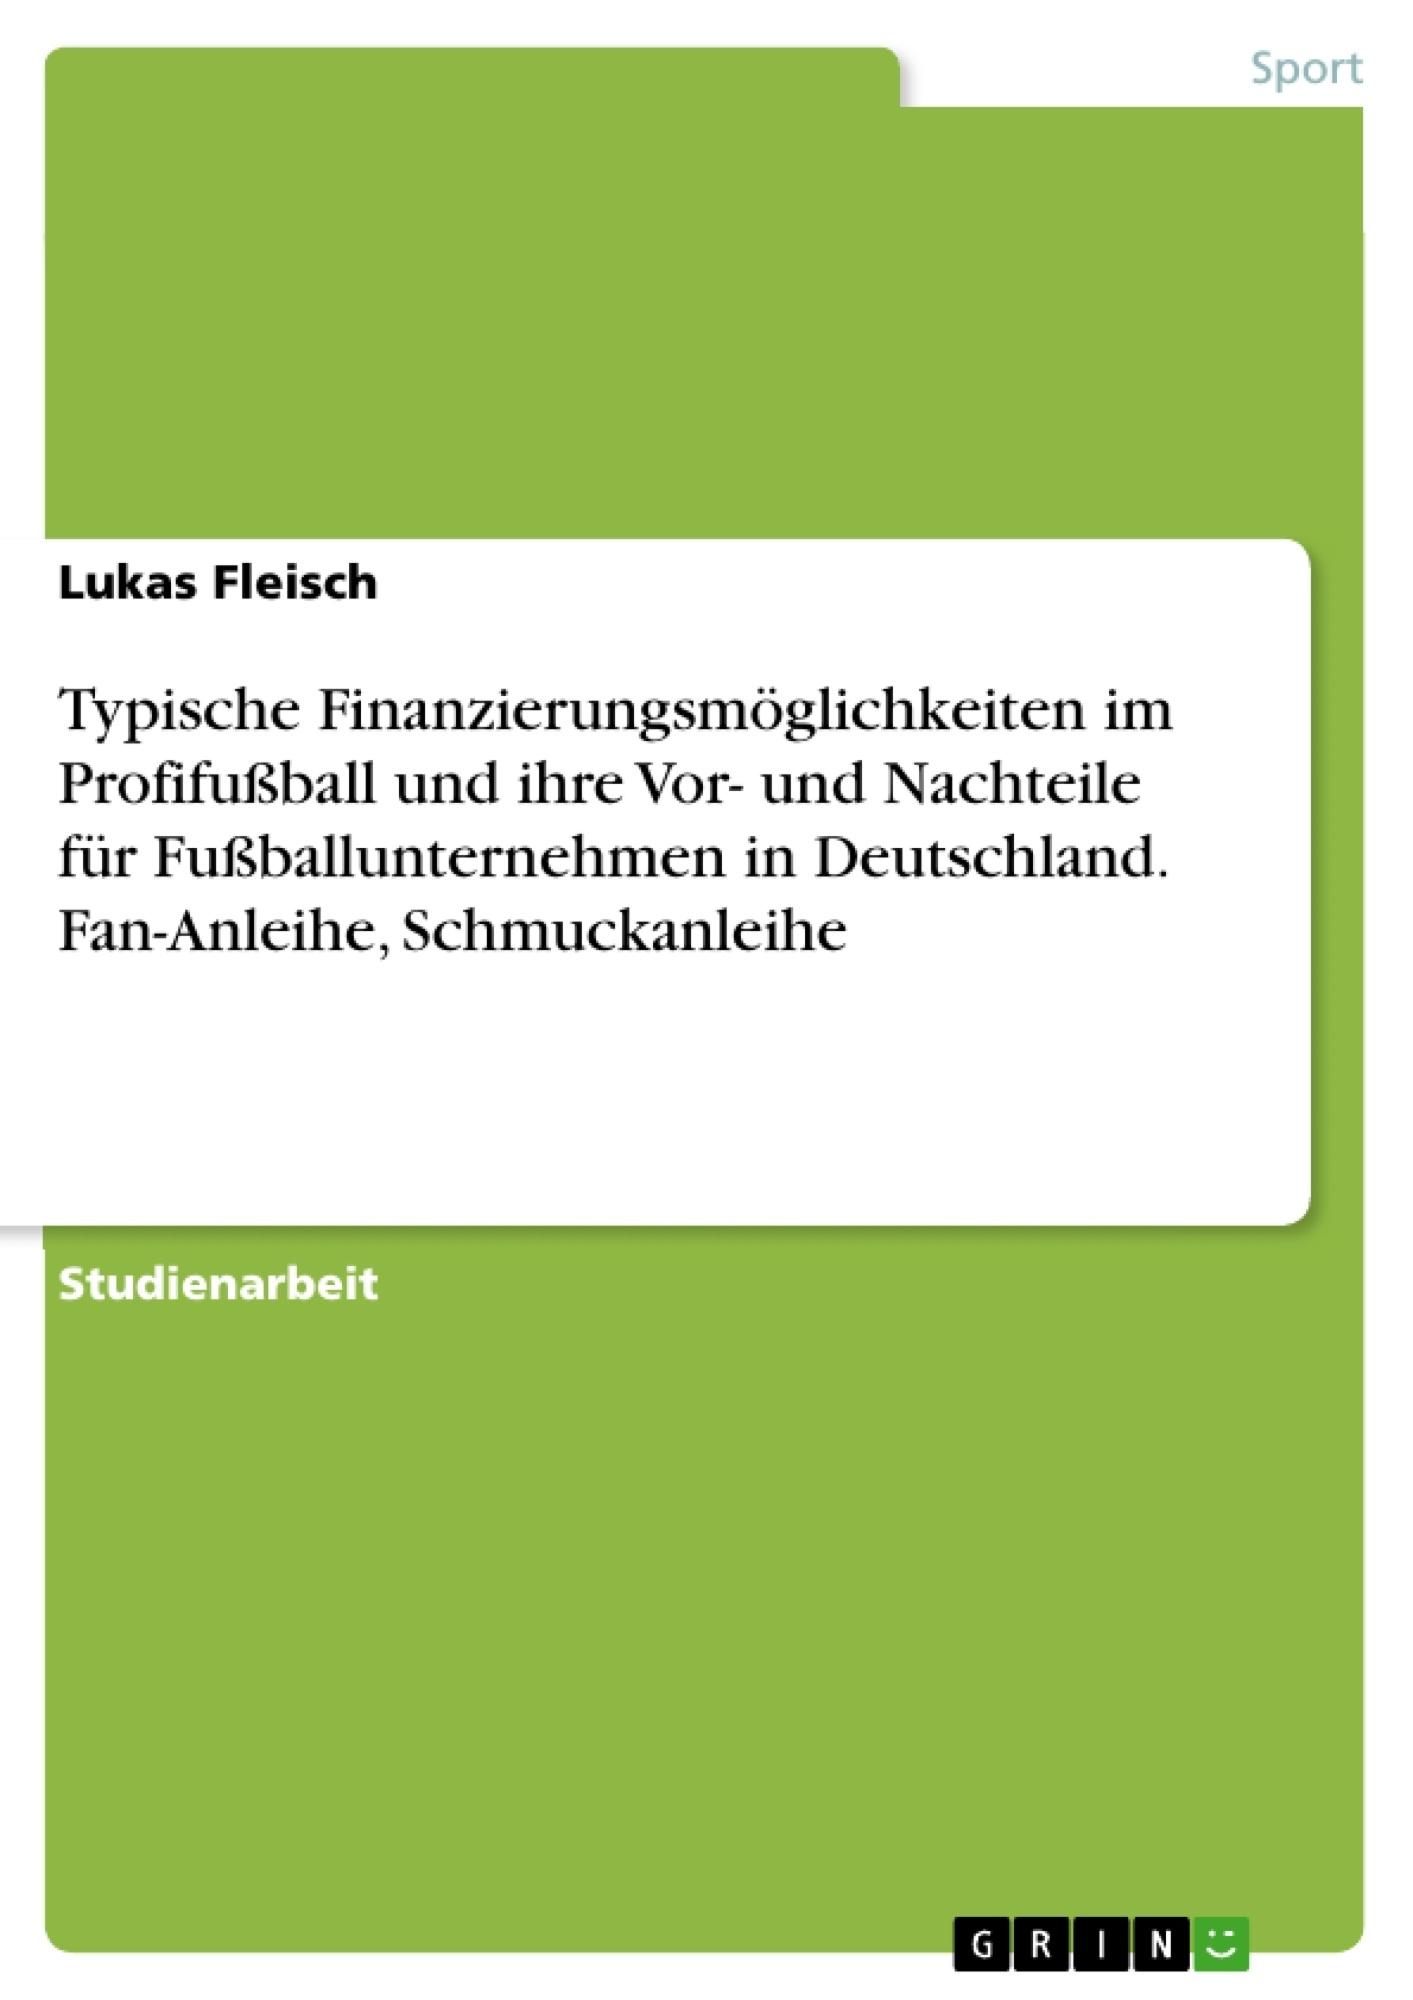 Titel: Typische Finanzierungsmöglichkeiten im Profifußball und ihre Vor- und Nachteile für Fußballunternehmen in Deutschland. Fan-Anleihe, Schmuckanleihe